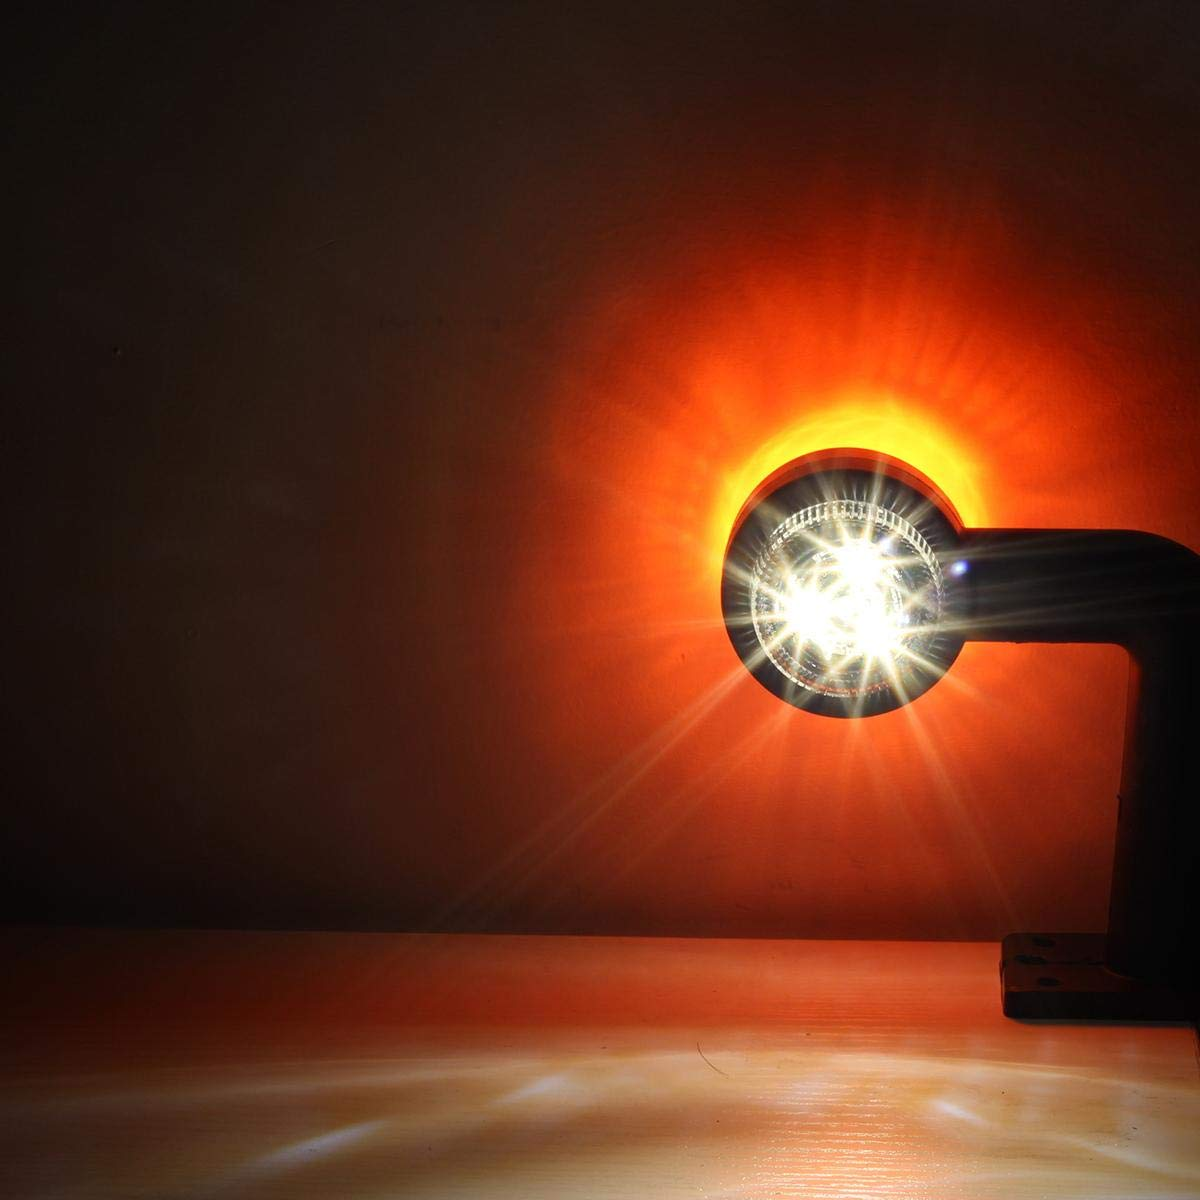 PARTSAM 2X LED Begrenzungsleuchten Umrissleuchte rot-wei/ß Seitenleuchten f/ür Auto LKW PKW TRAILER Anh/änger 90/° Gebogen seitlicher Anbau links//recht 6 LED 12V-24V